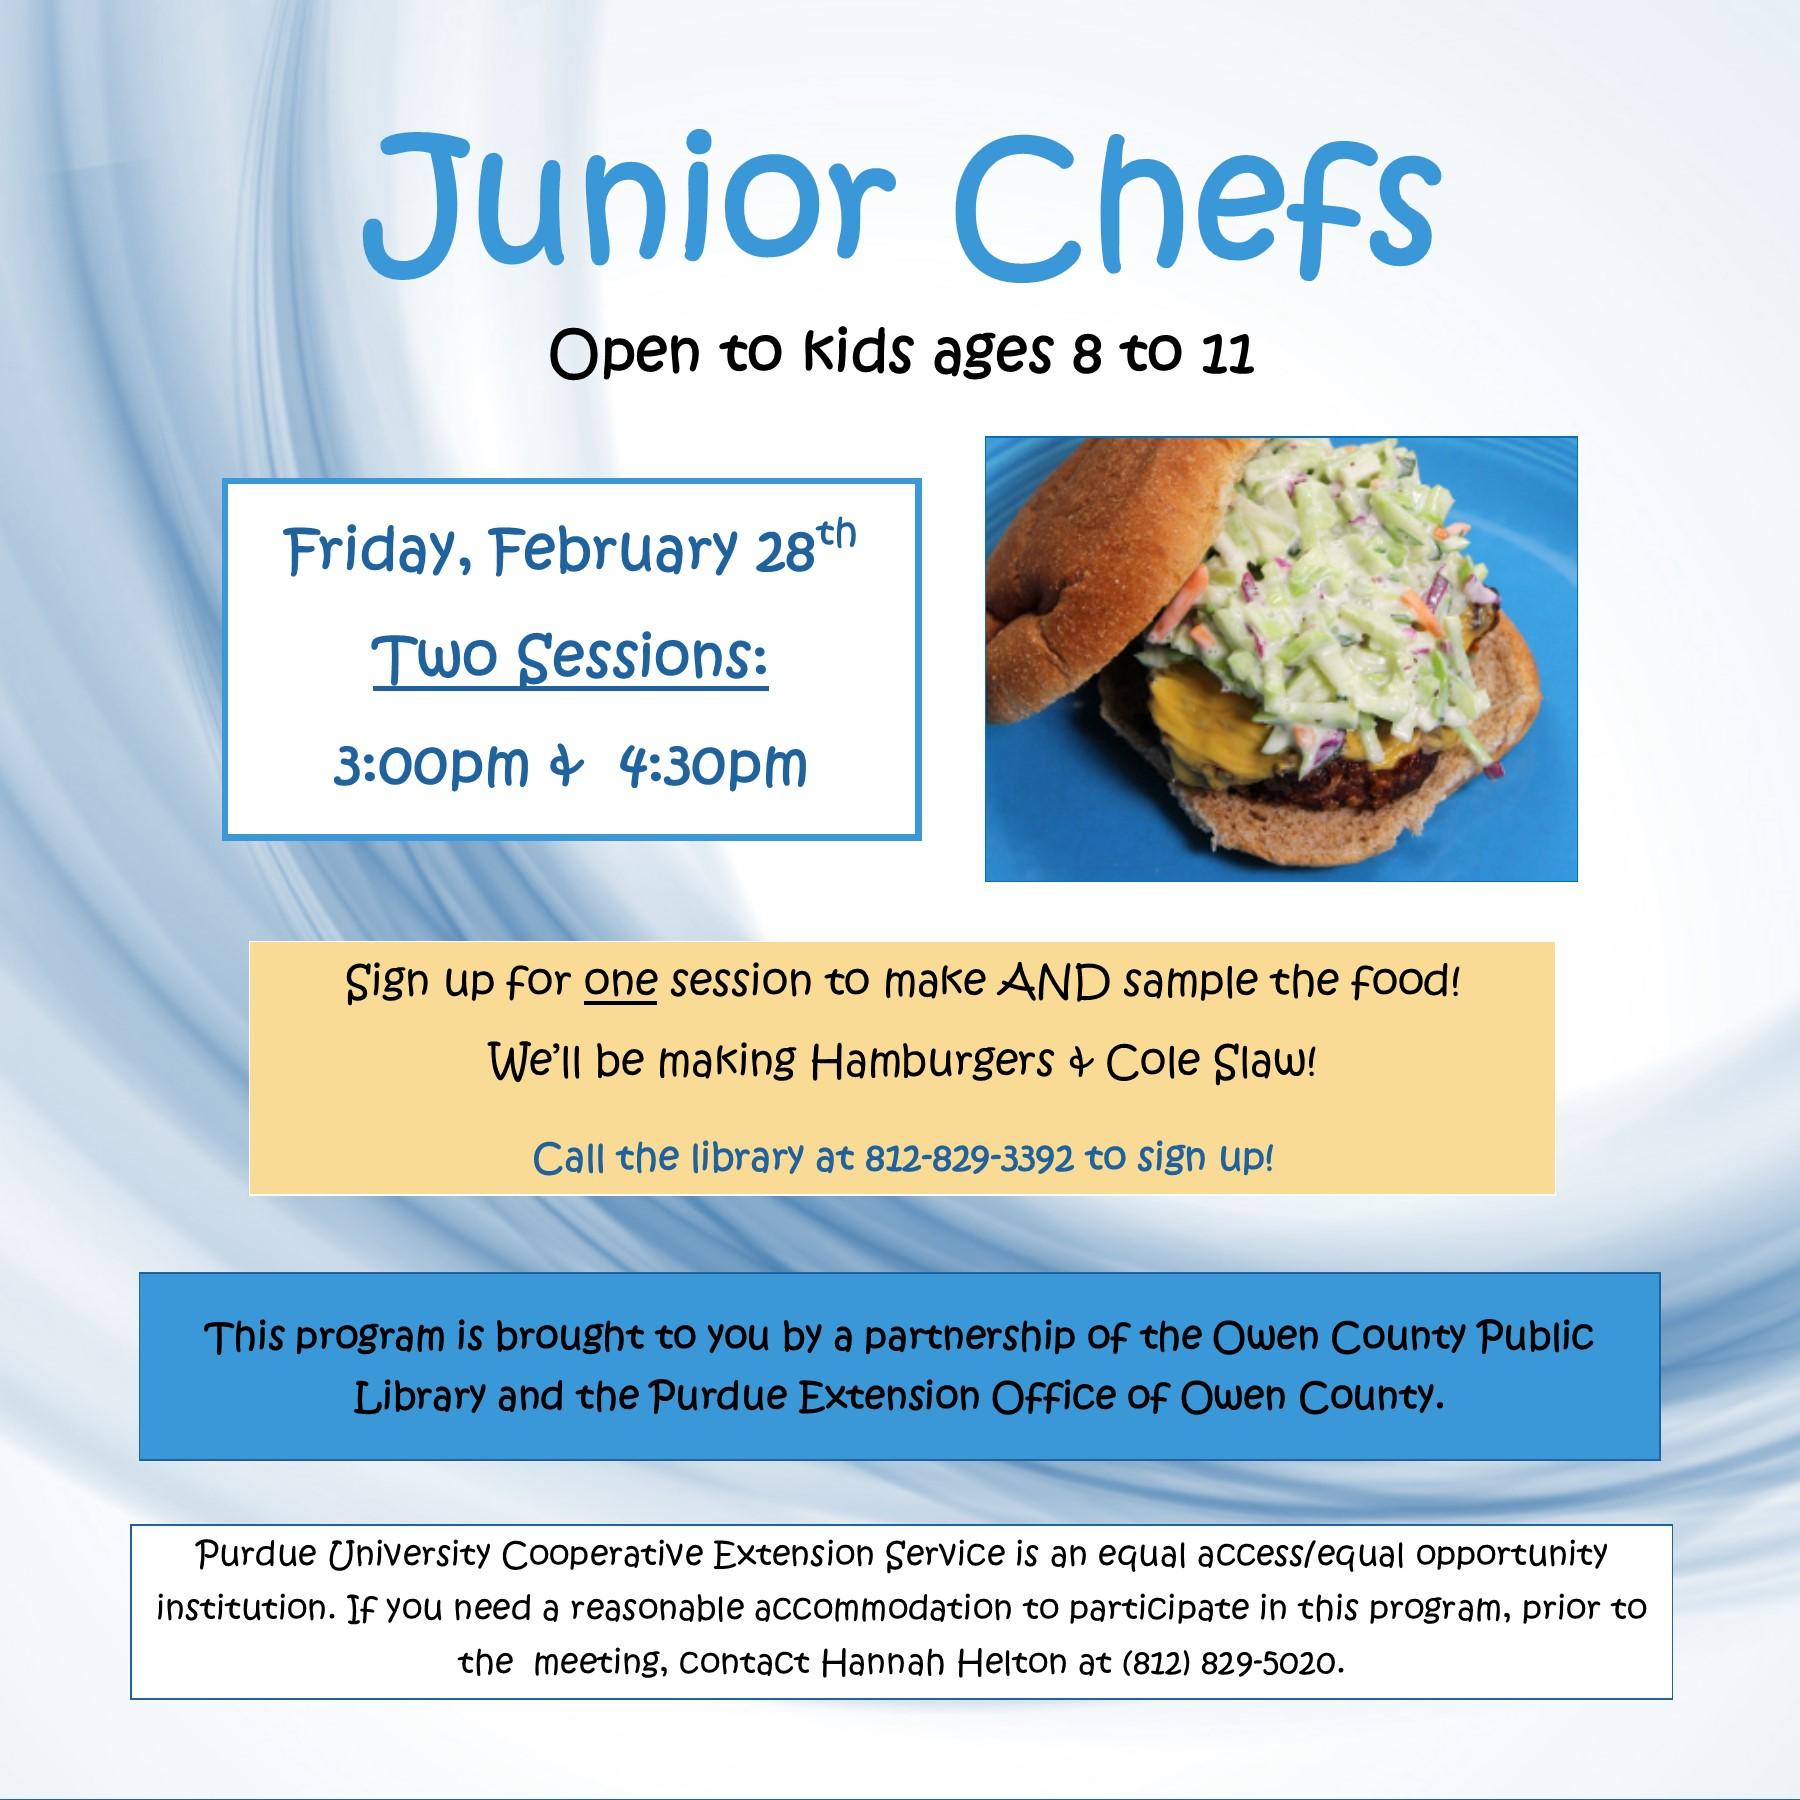 2-28, junior chefs, Jan 2020 INSTAGRAM flyer